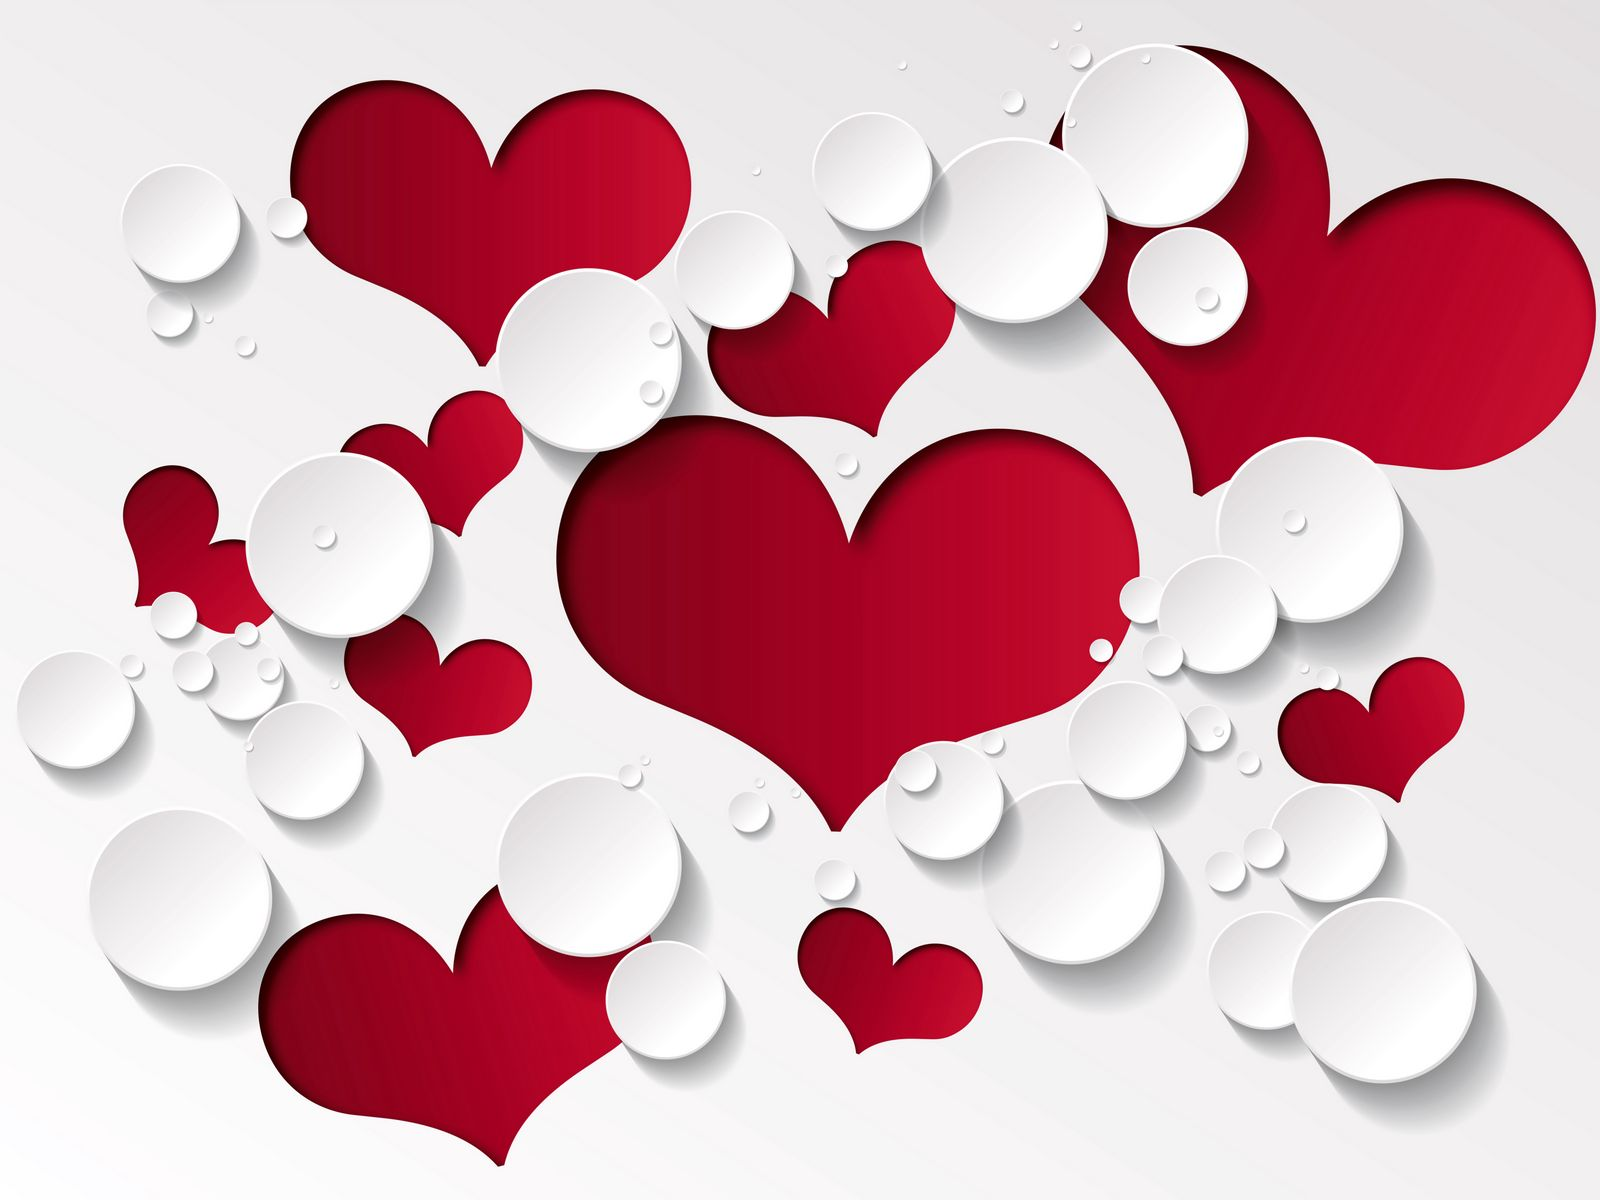 1600x1200 Wallpaper heart, shape, pattern